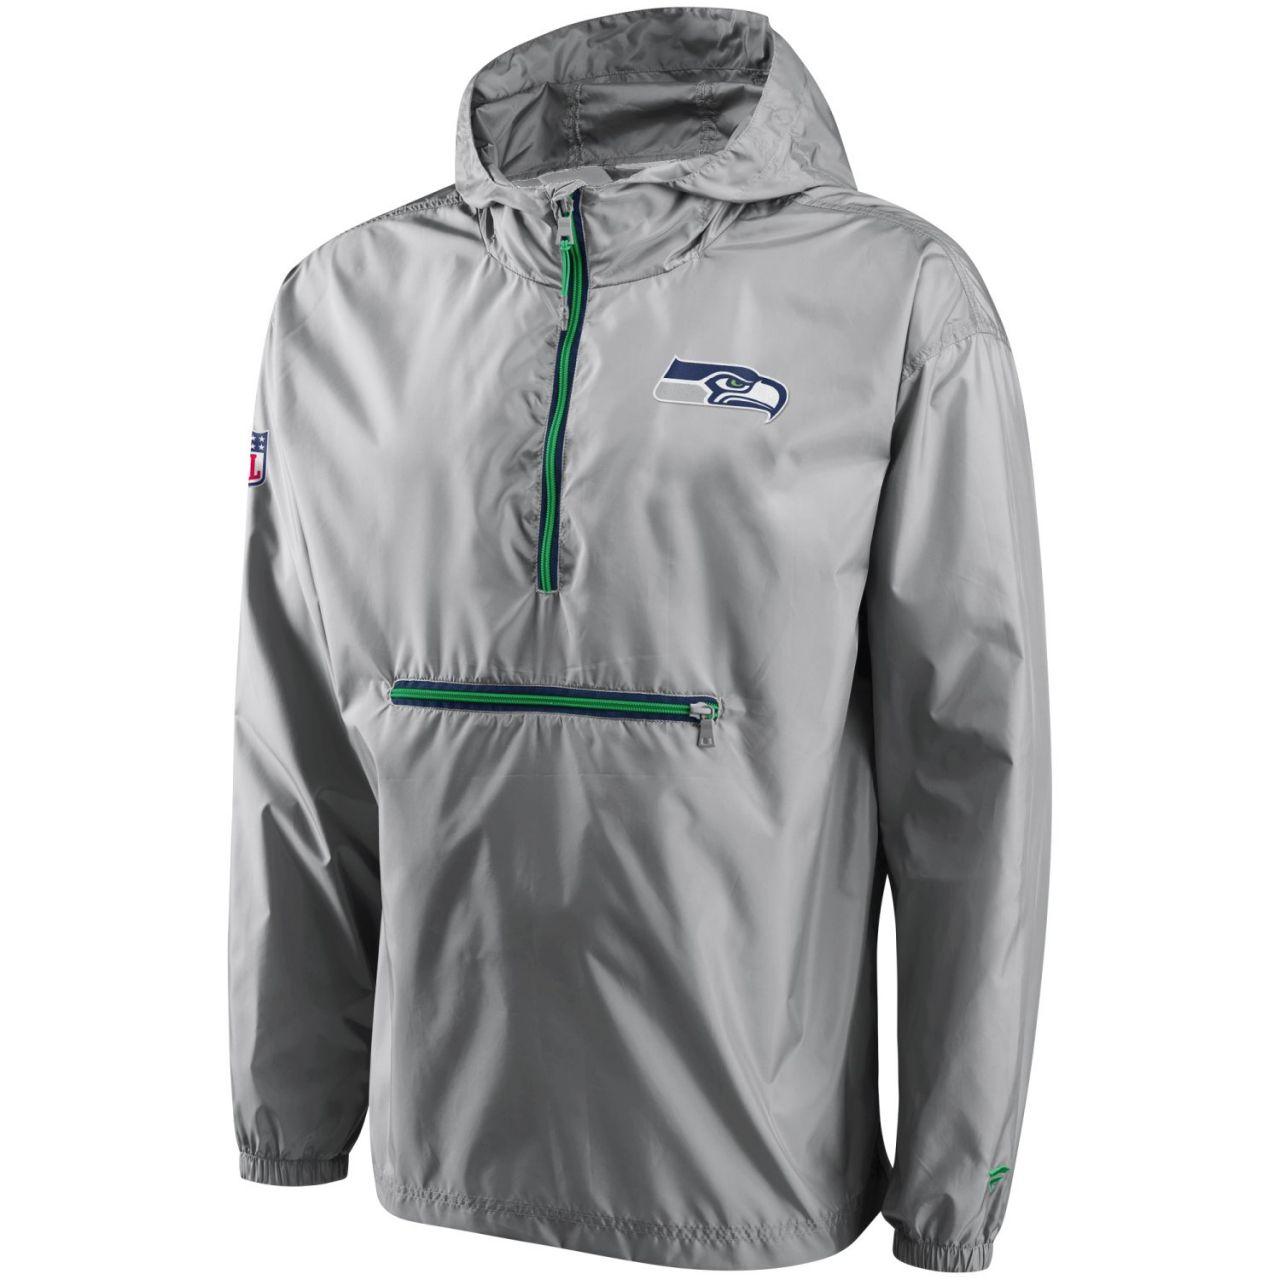 amfoo - Seattle Seahawks ICONIC Windbreaker Jacke, verpackbar